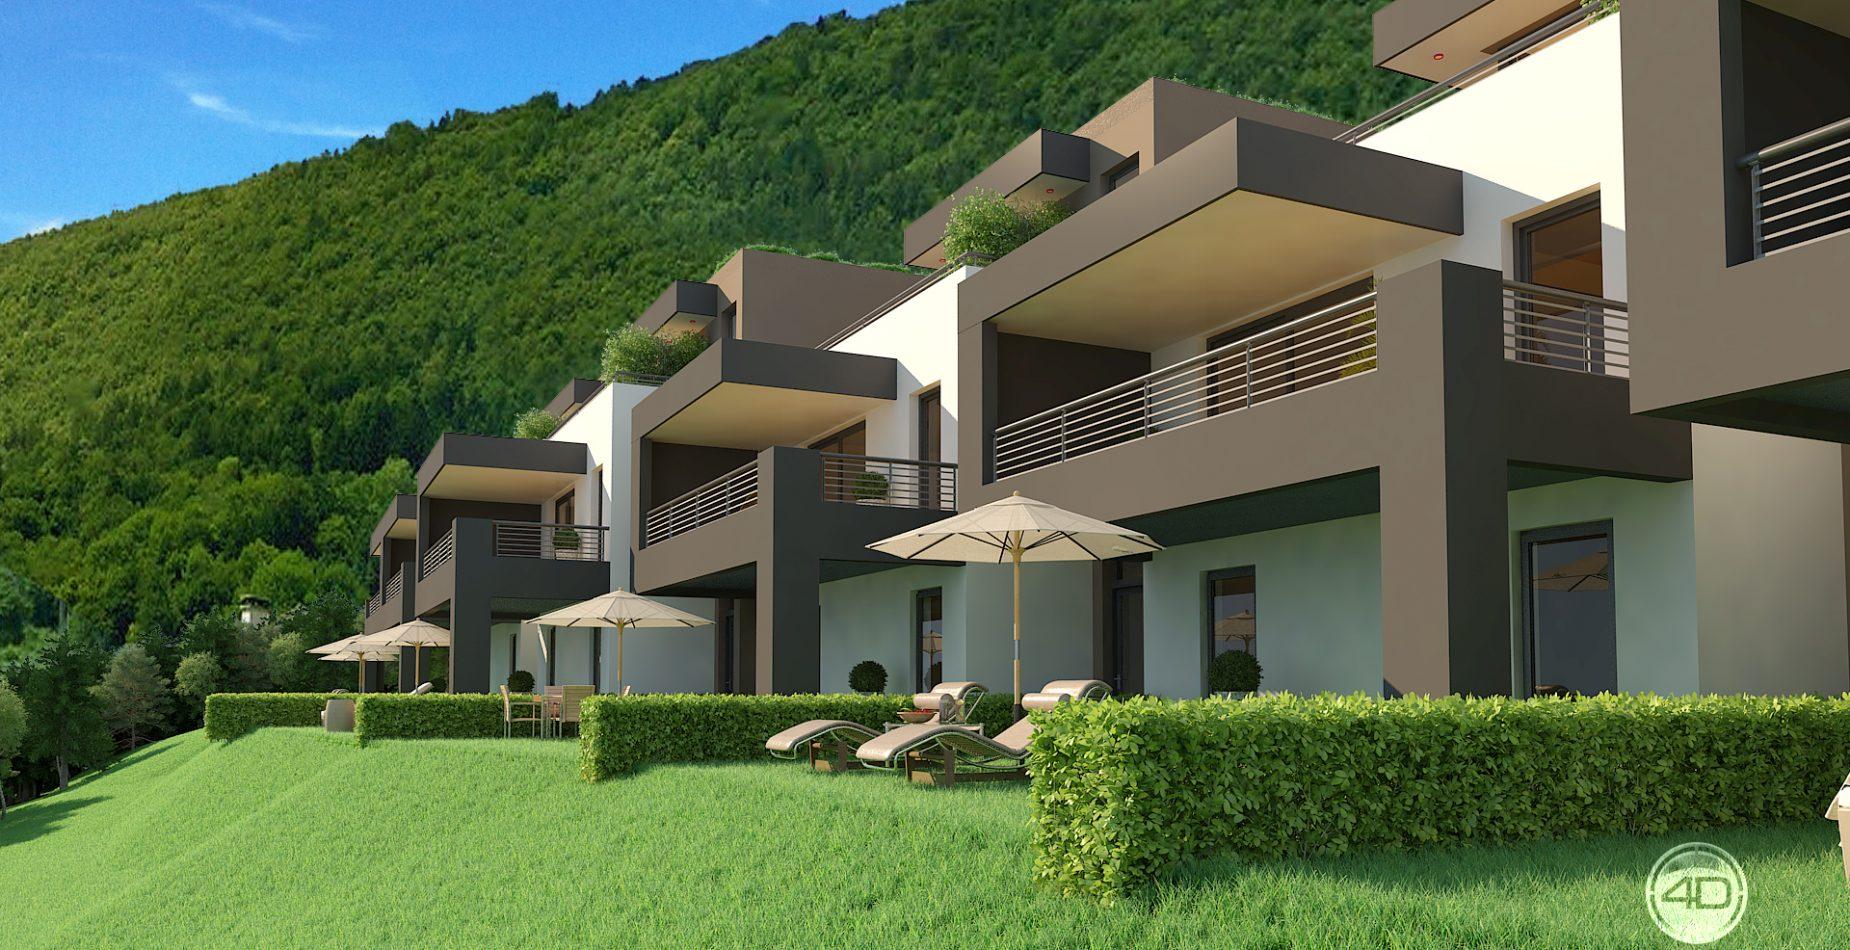 Edificio_4D-univers-townhouse_lac_annecy_3D-villa_00007